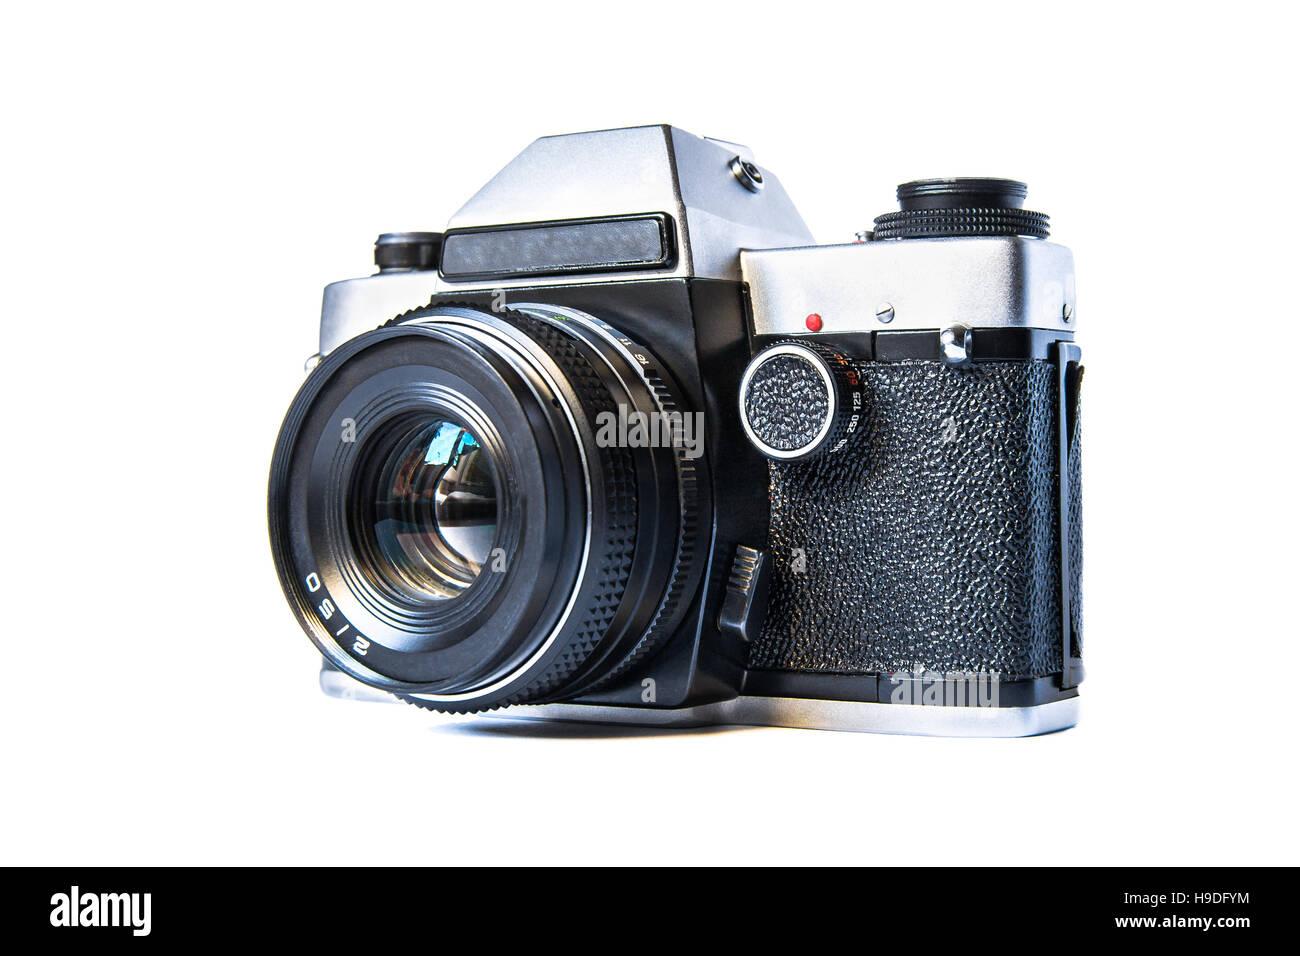 Retro film photo camera isolated on white background - Stock Image